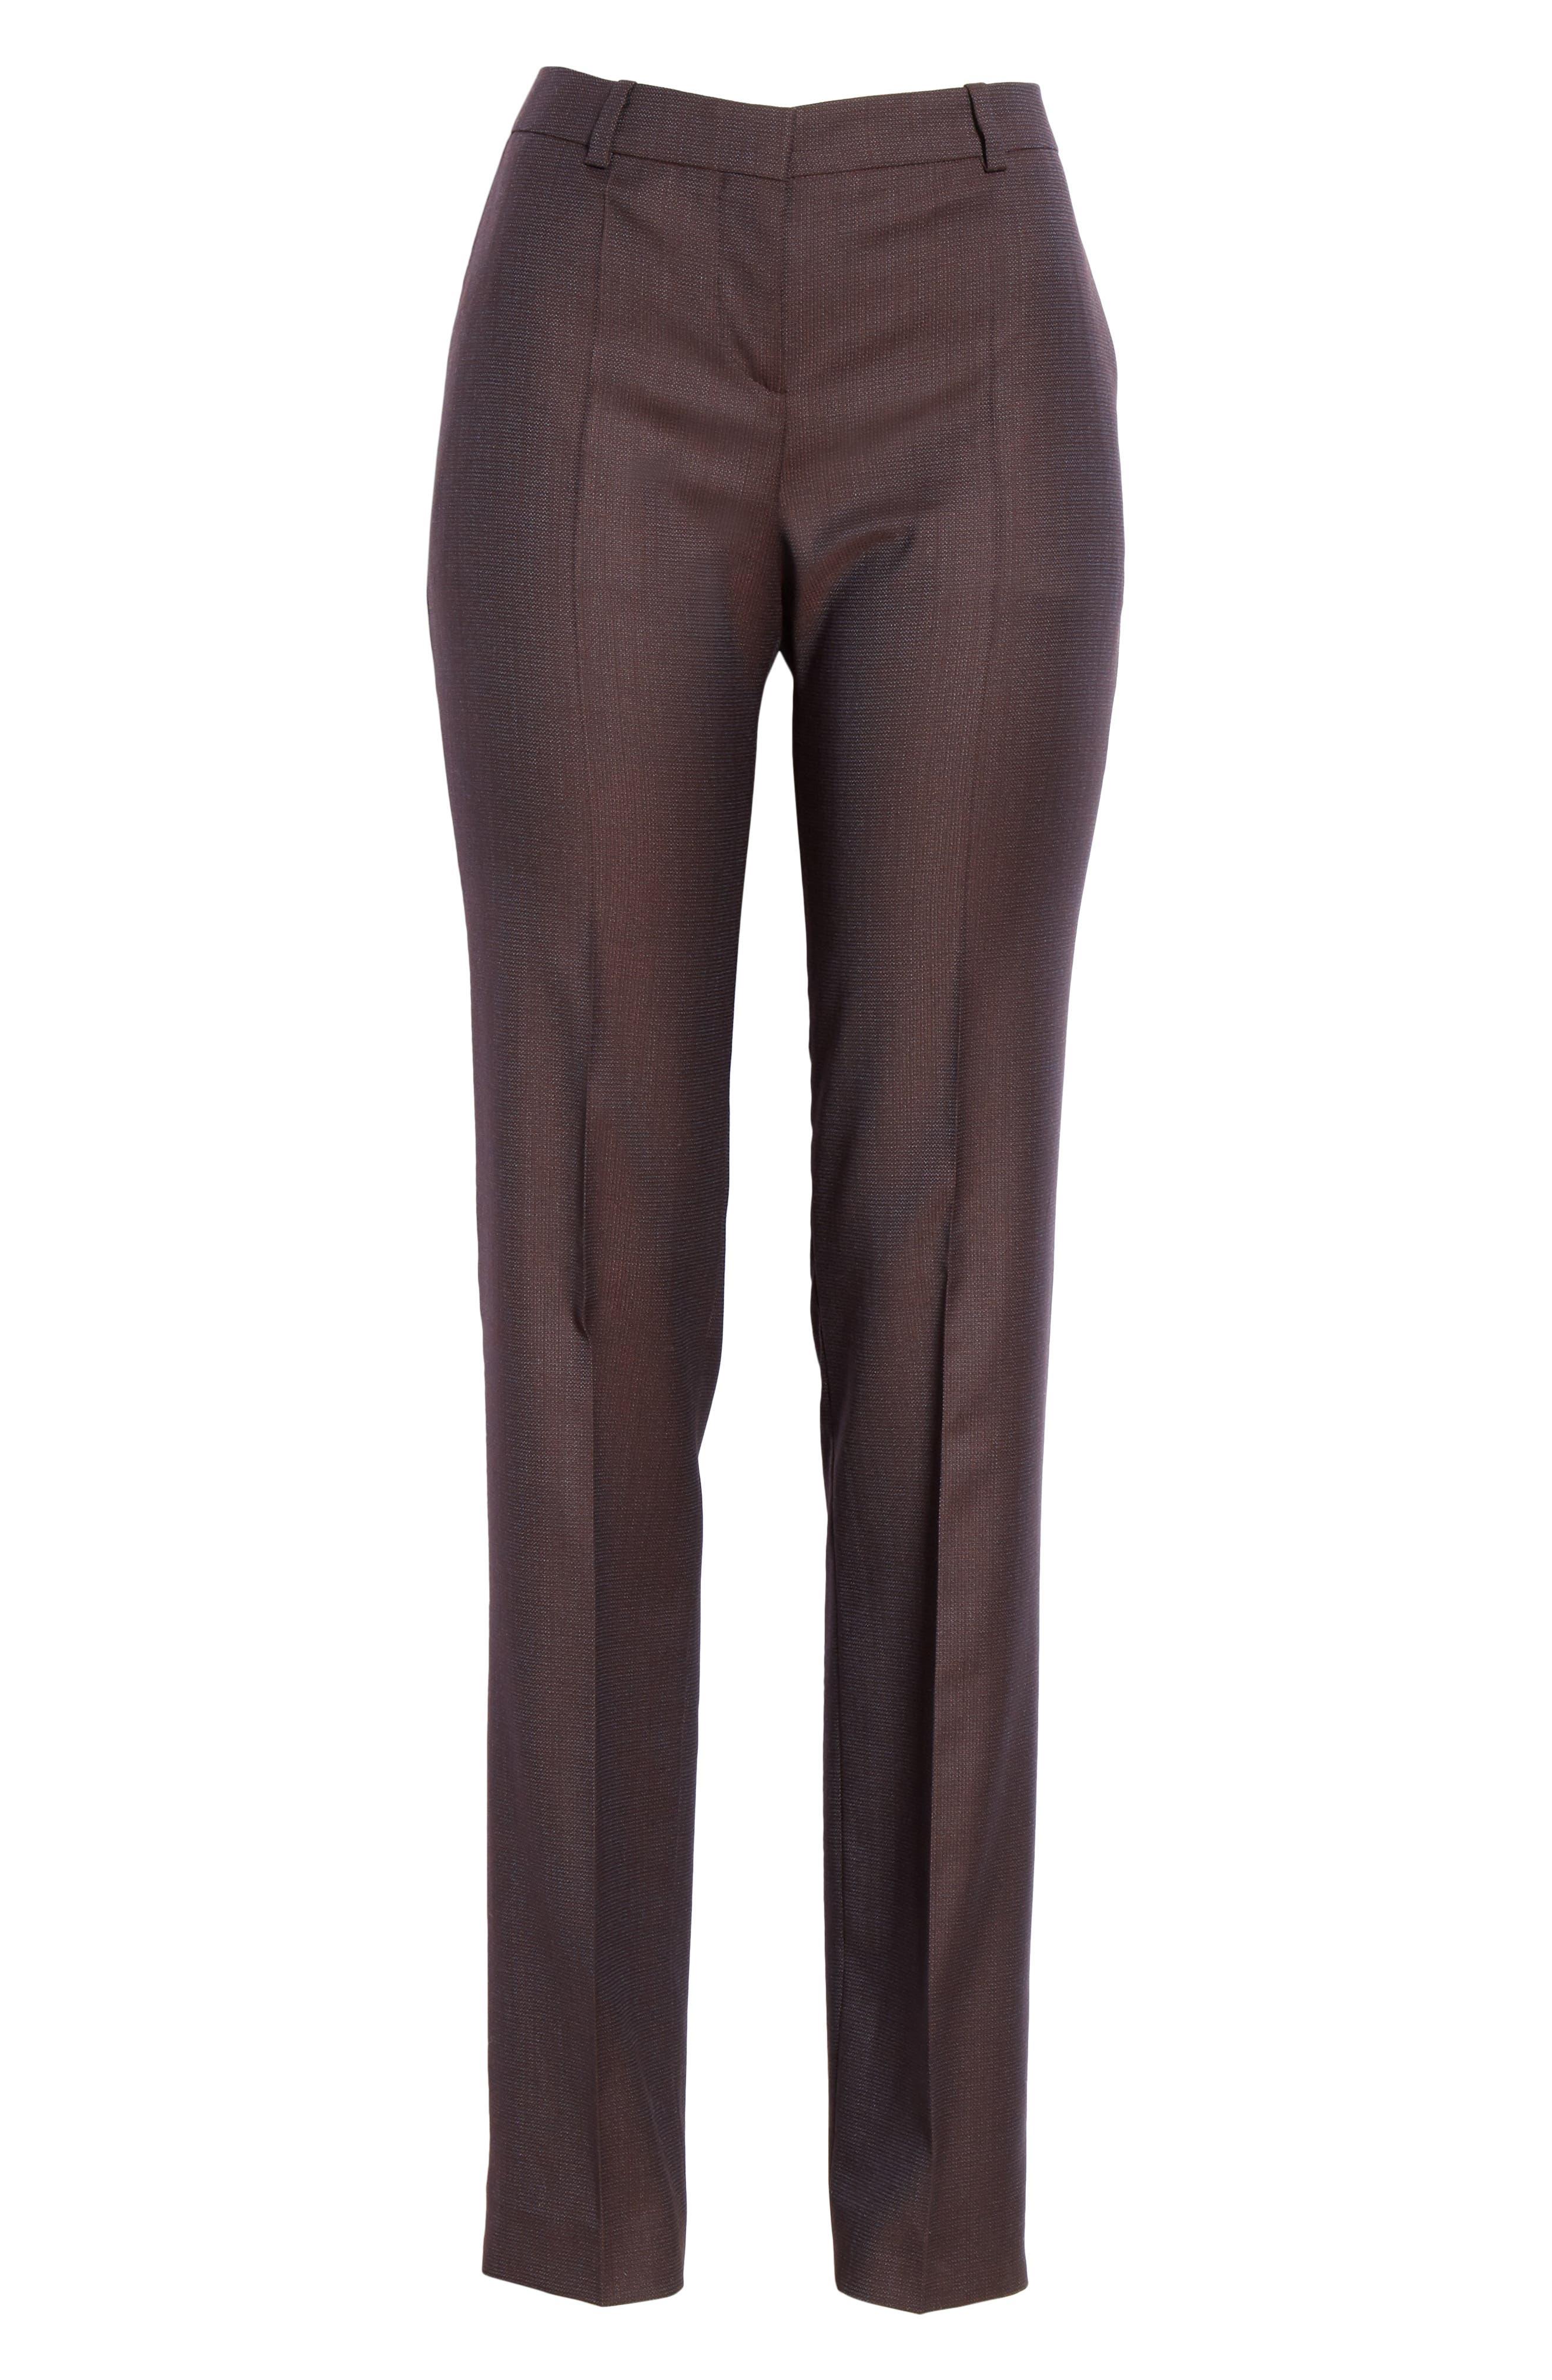 Tamea Slim Wool Suit Pants,                             Alternate thumbnail 7, color,                             DARK BERRY FANTASY